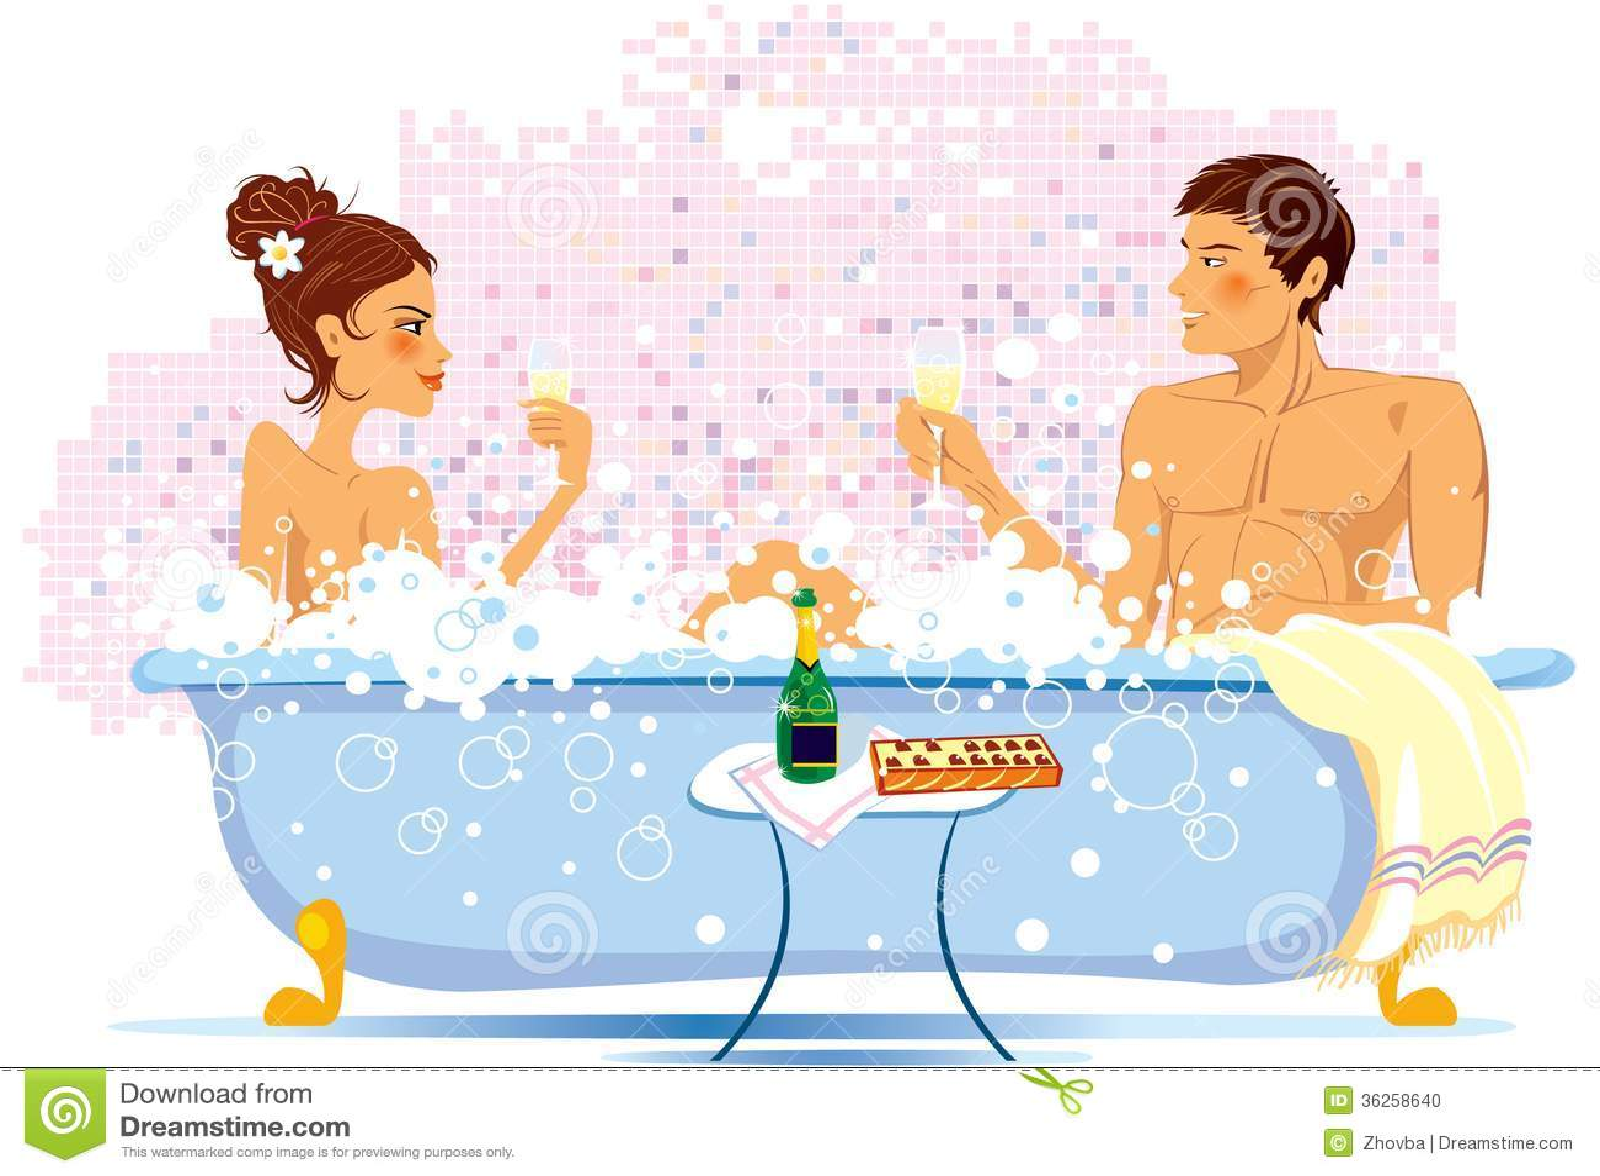 En el baño - Página 3 Dos-enamorados-en-un-cuarto-de-ba%C3%B1o-36258640